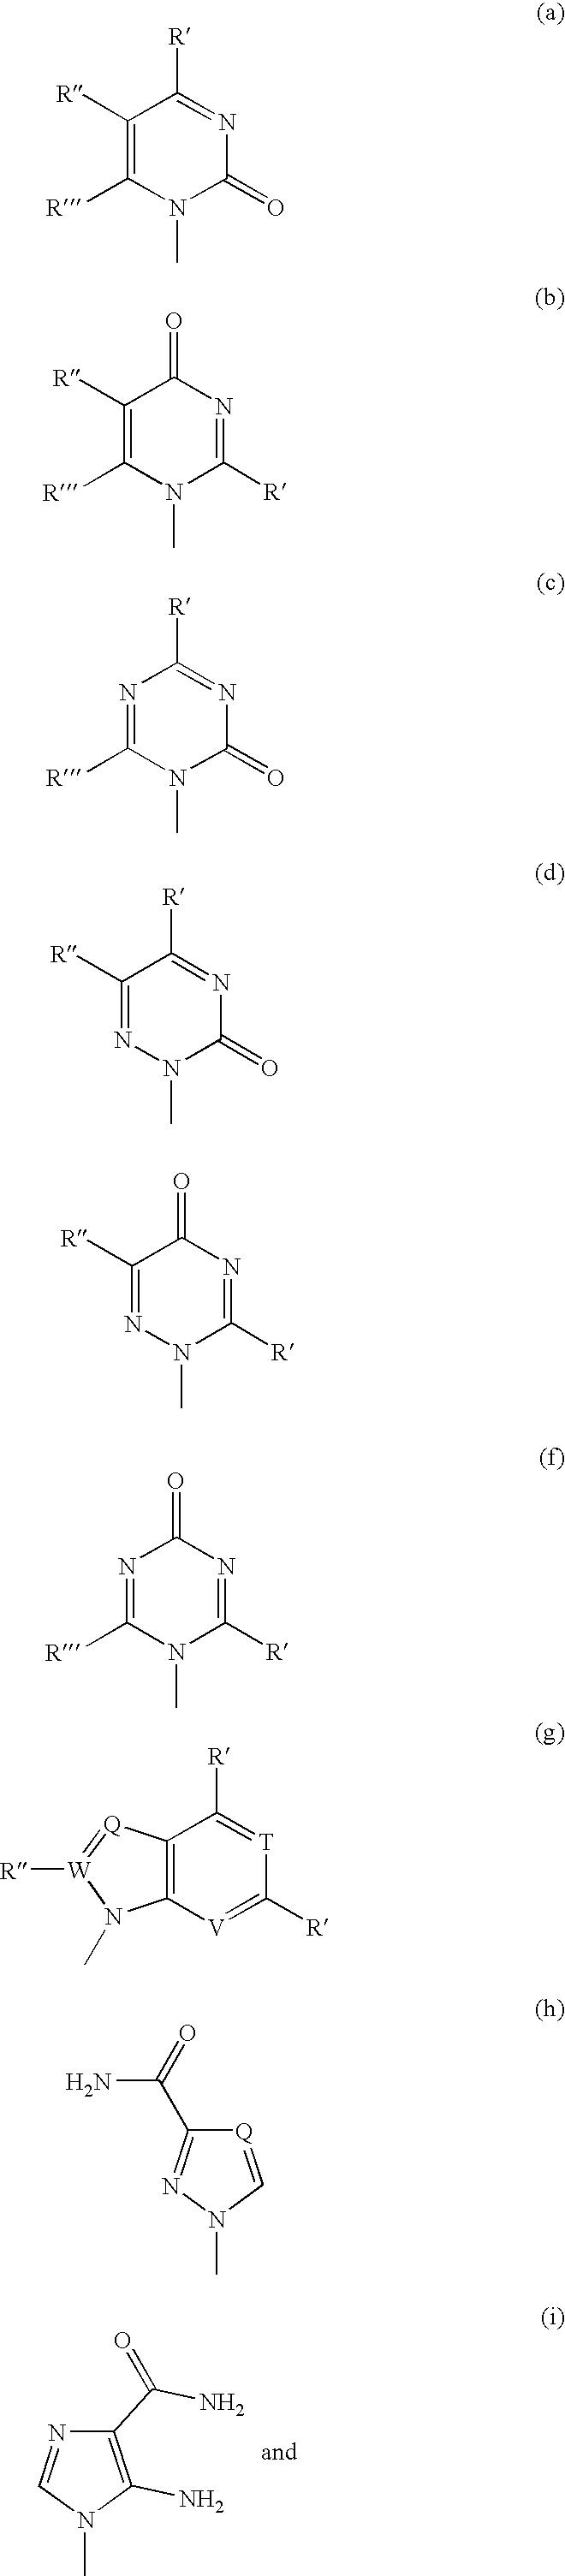 Figure US07608600-20091027-C00051